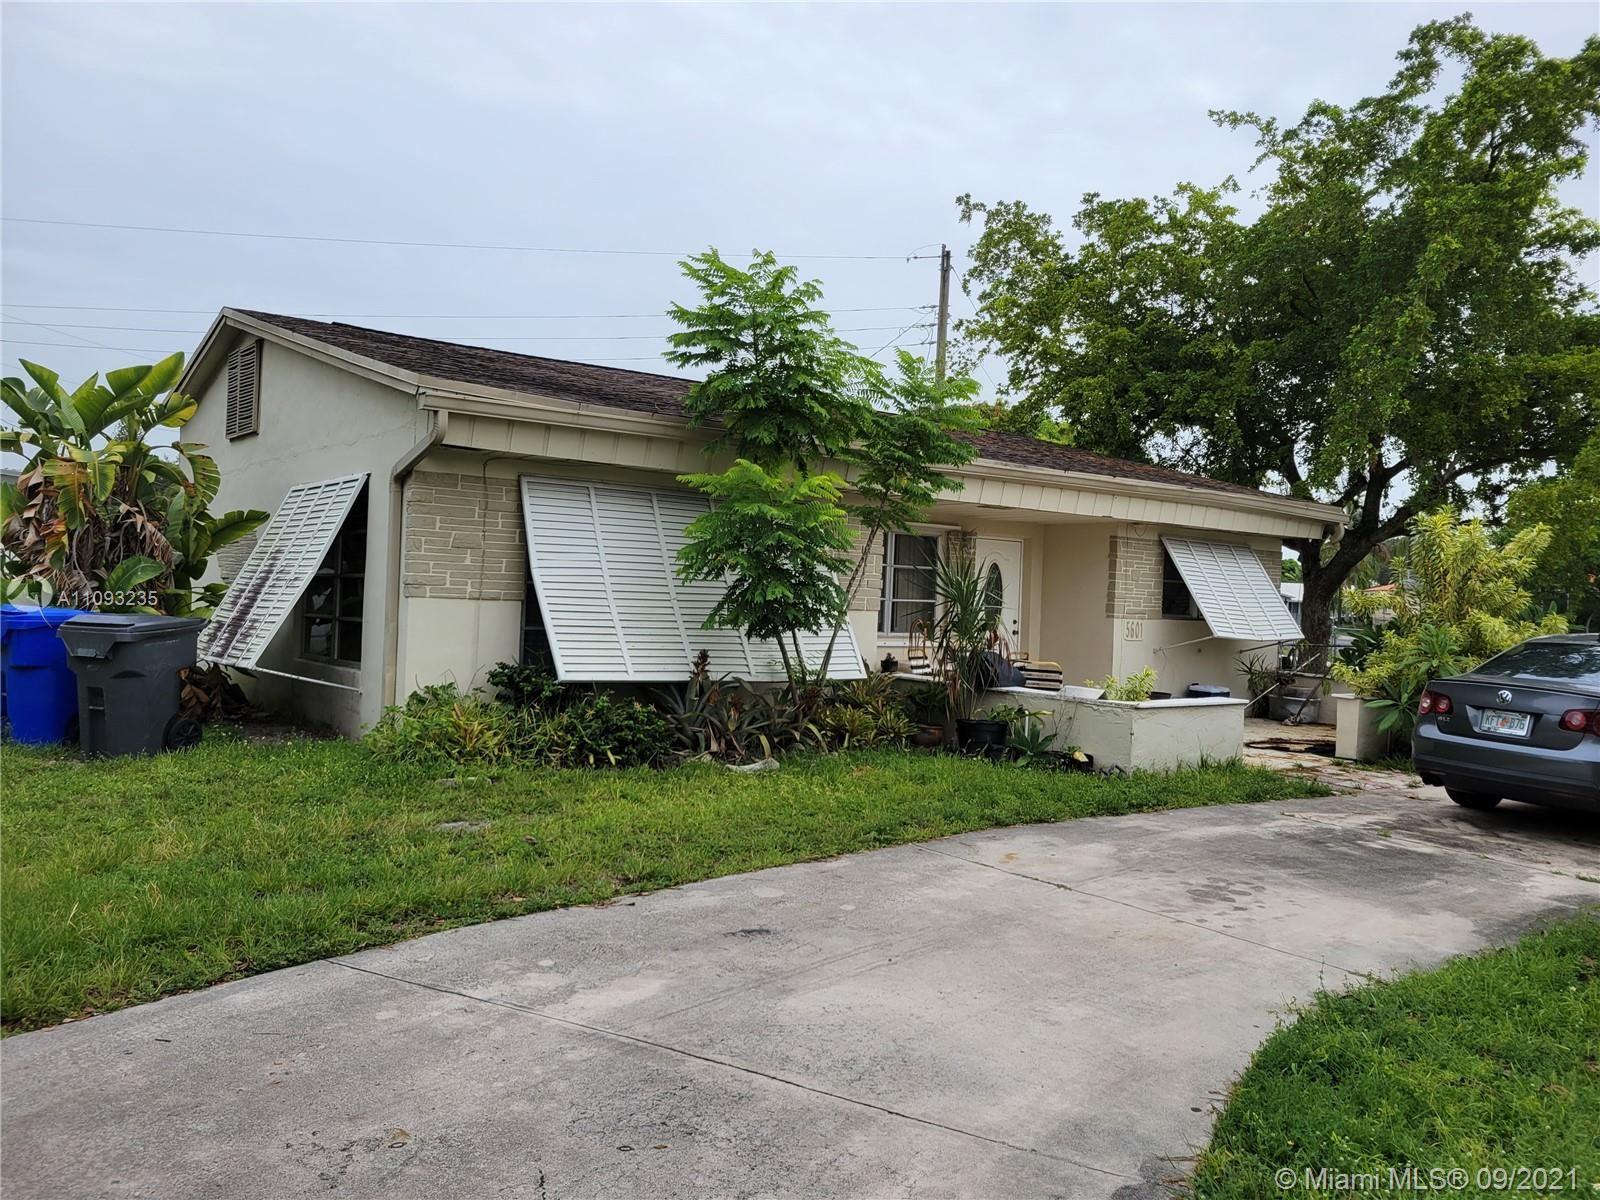 5601 Arthur St, Hollywood, FL 33021 - #: A11093235